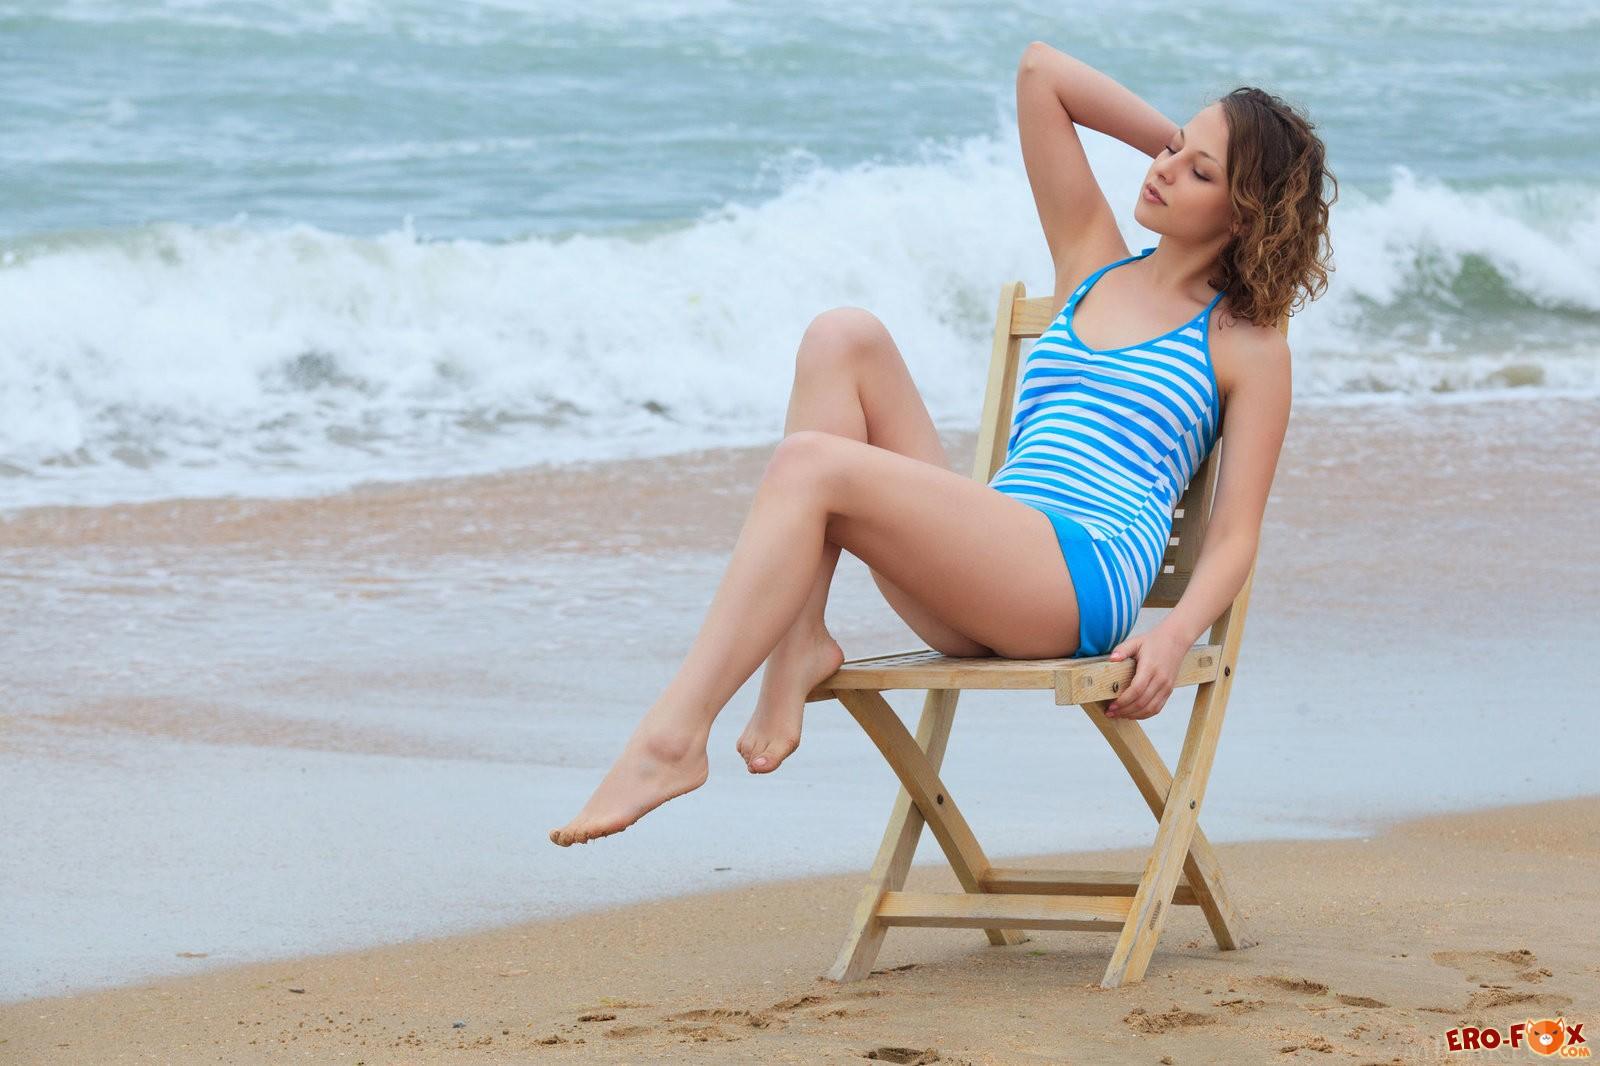 Крым пляж девушка эротика